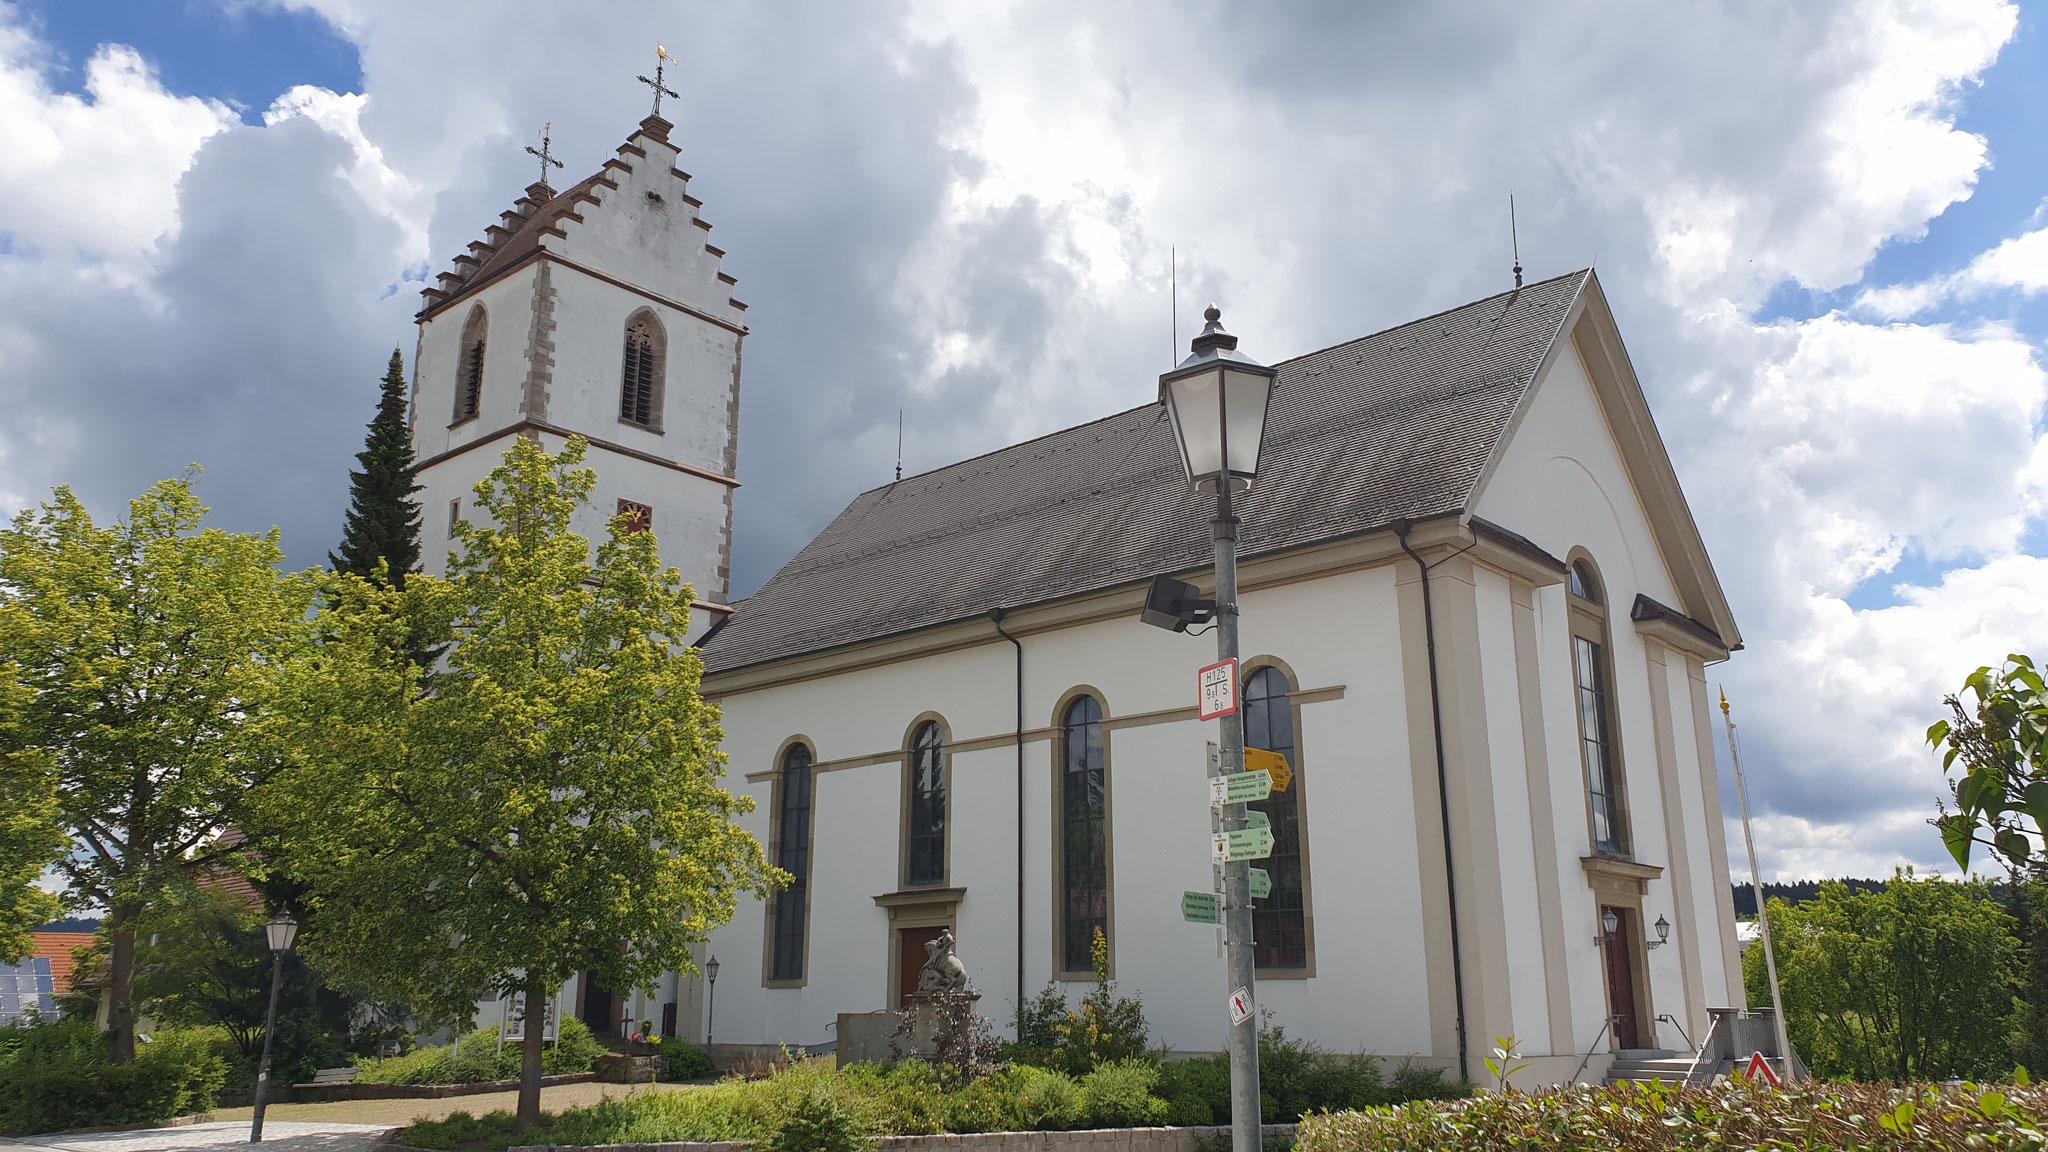 Düstere Wolken über der Kirche aber es bleibt schön